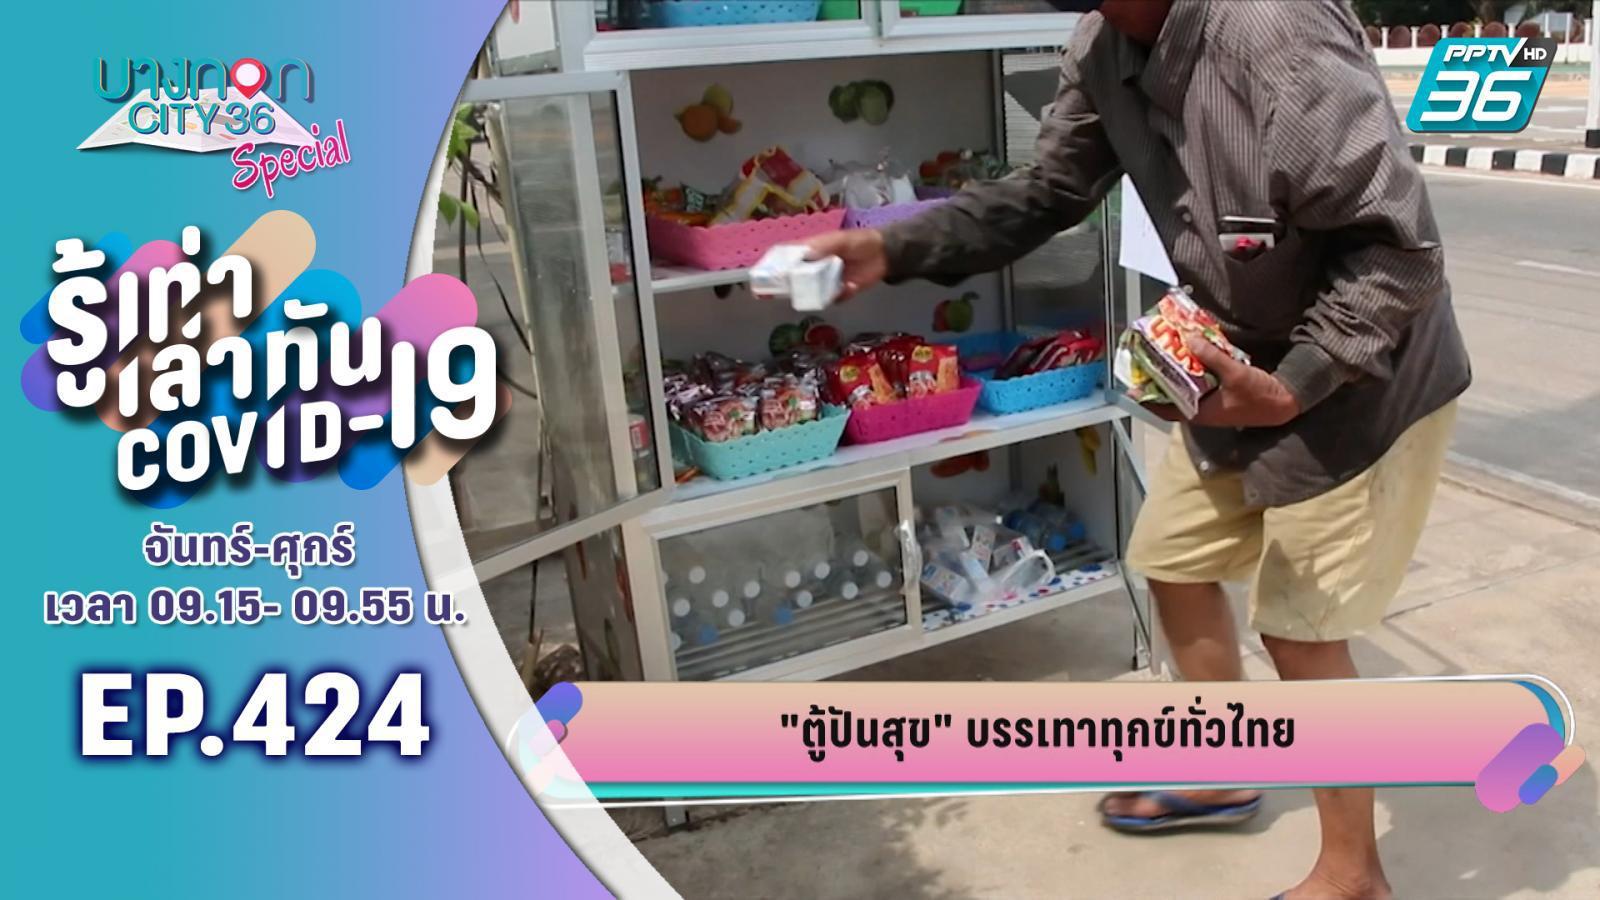 ตู้ปันสุข บรรเทาทุกข์ทั่วไทย